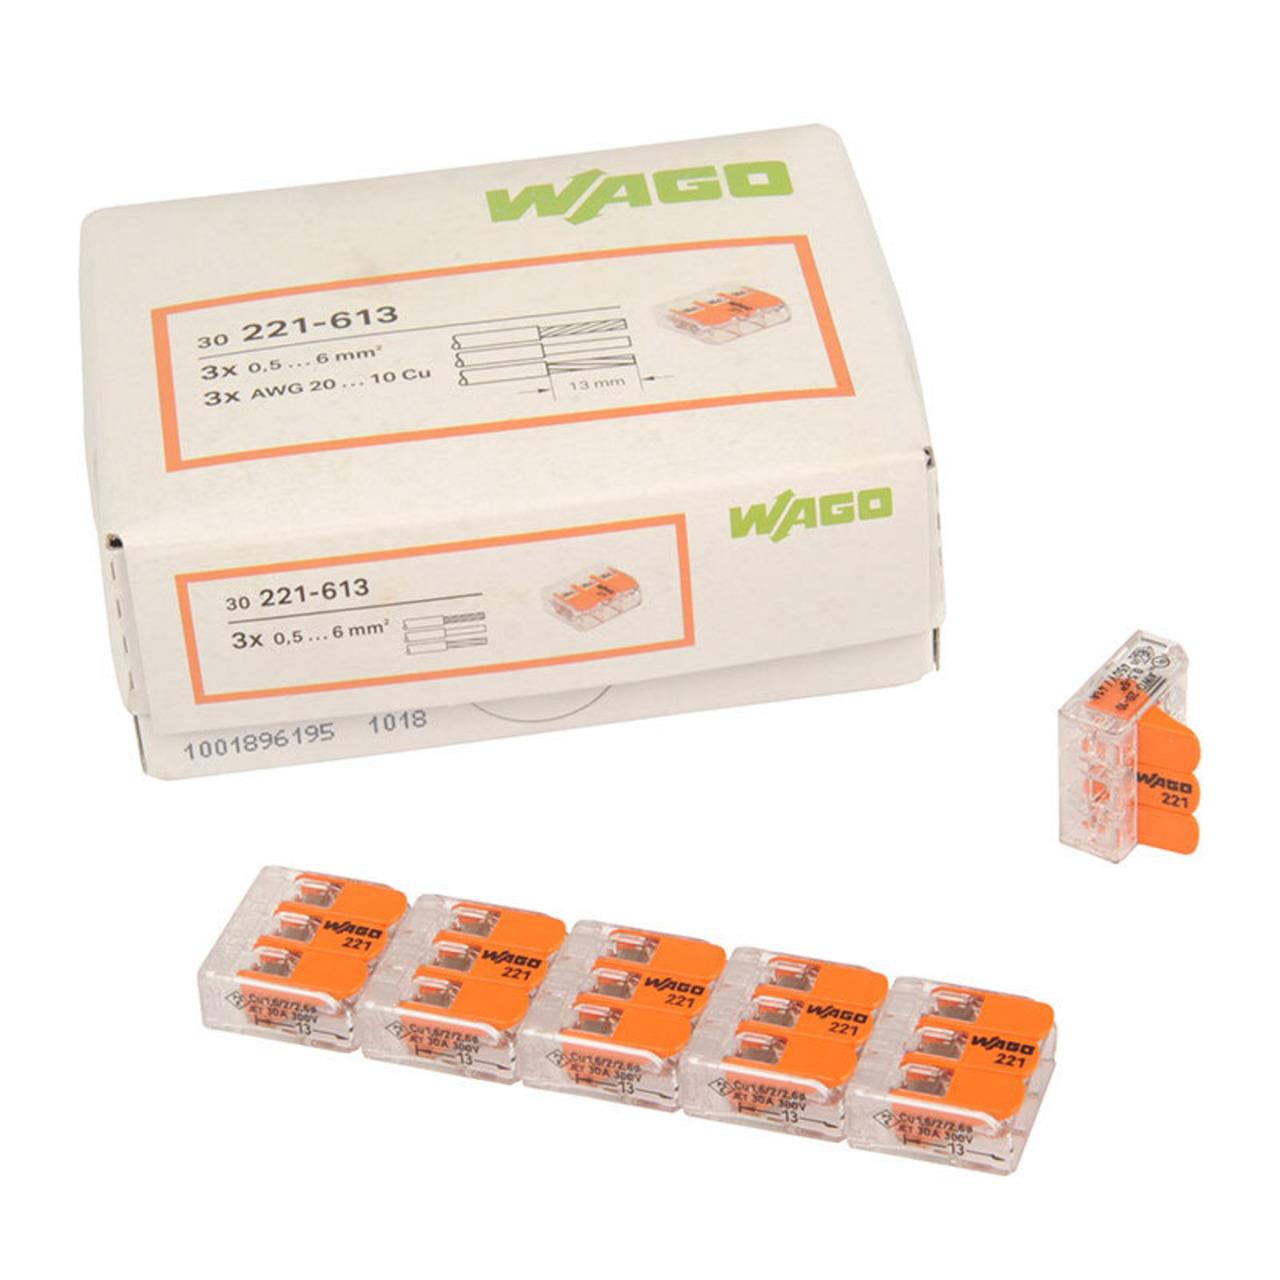 Wagoklemme 221-613- 3-Leiter-Klemme- Nennquerschnitt 6 mm²- 30er Pack